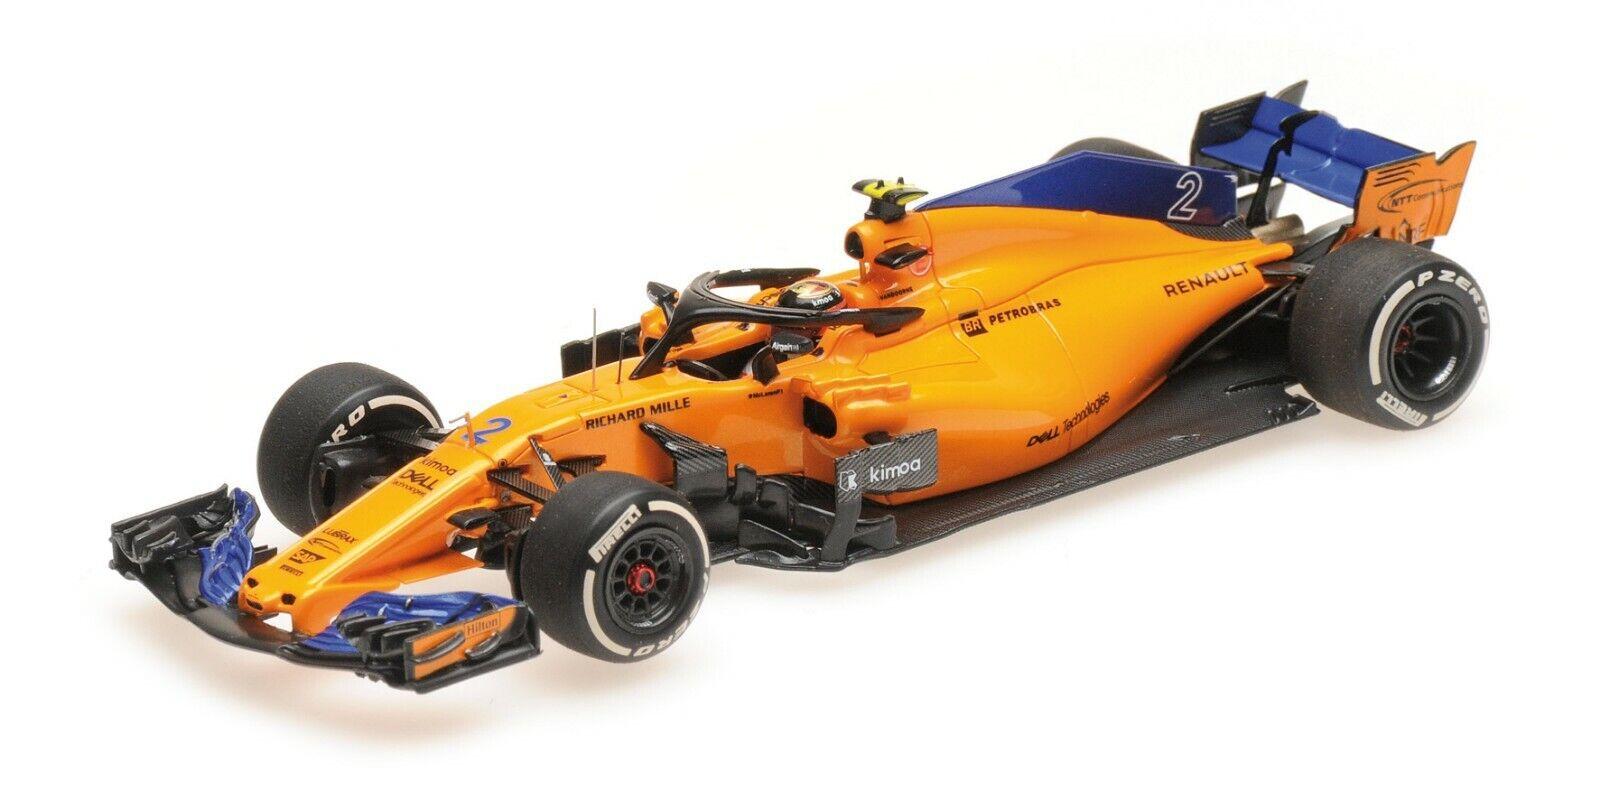 1 43 Minichamps 2018 McLaren Renault MCL33 F1 Stoffel Vandoorne 537184302